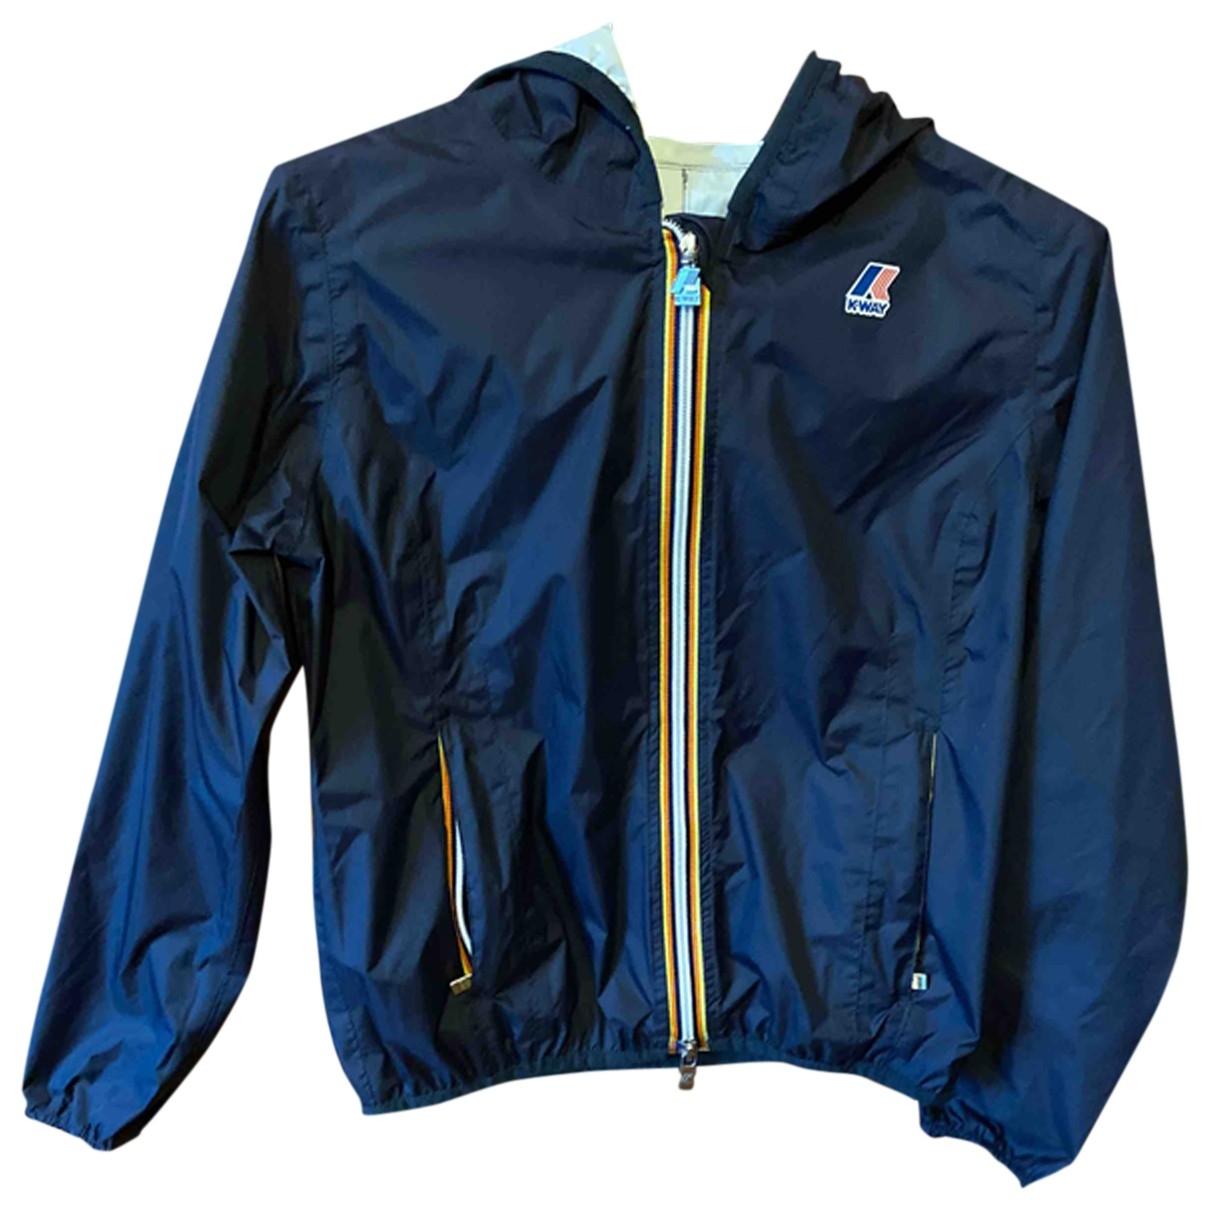 K-way - Blousons.Manteaux   pour enfant - bleu